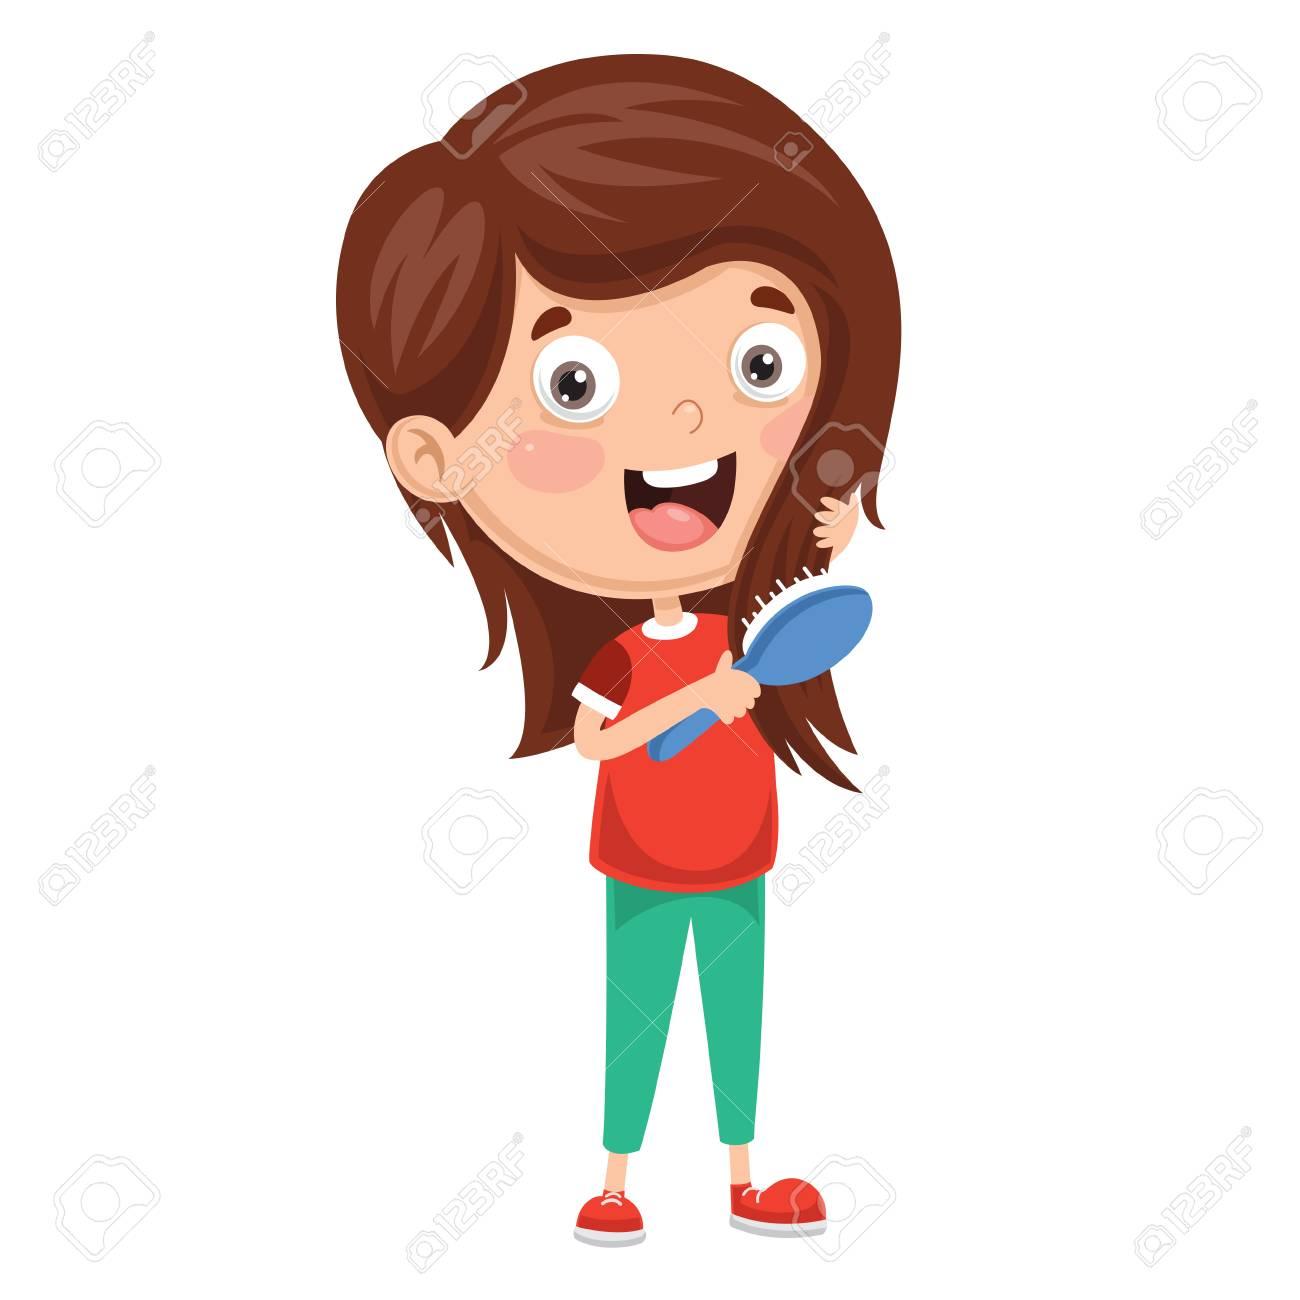 Vector Illustration Of Kid Brushing Hair - 104077965